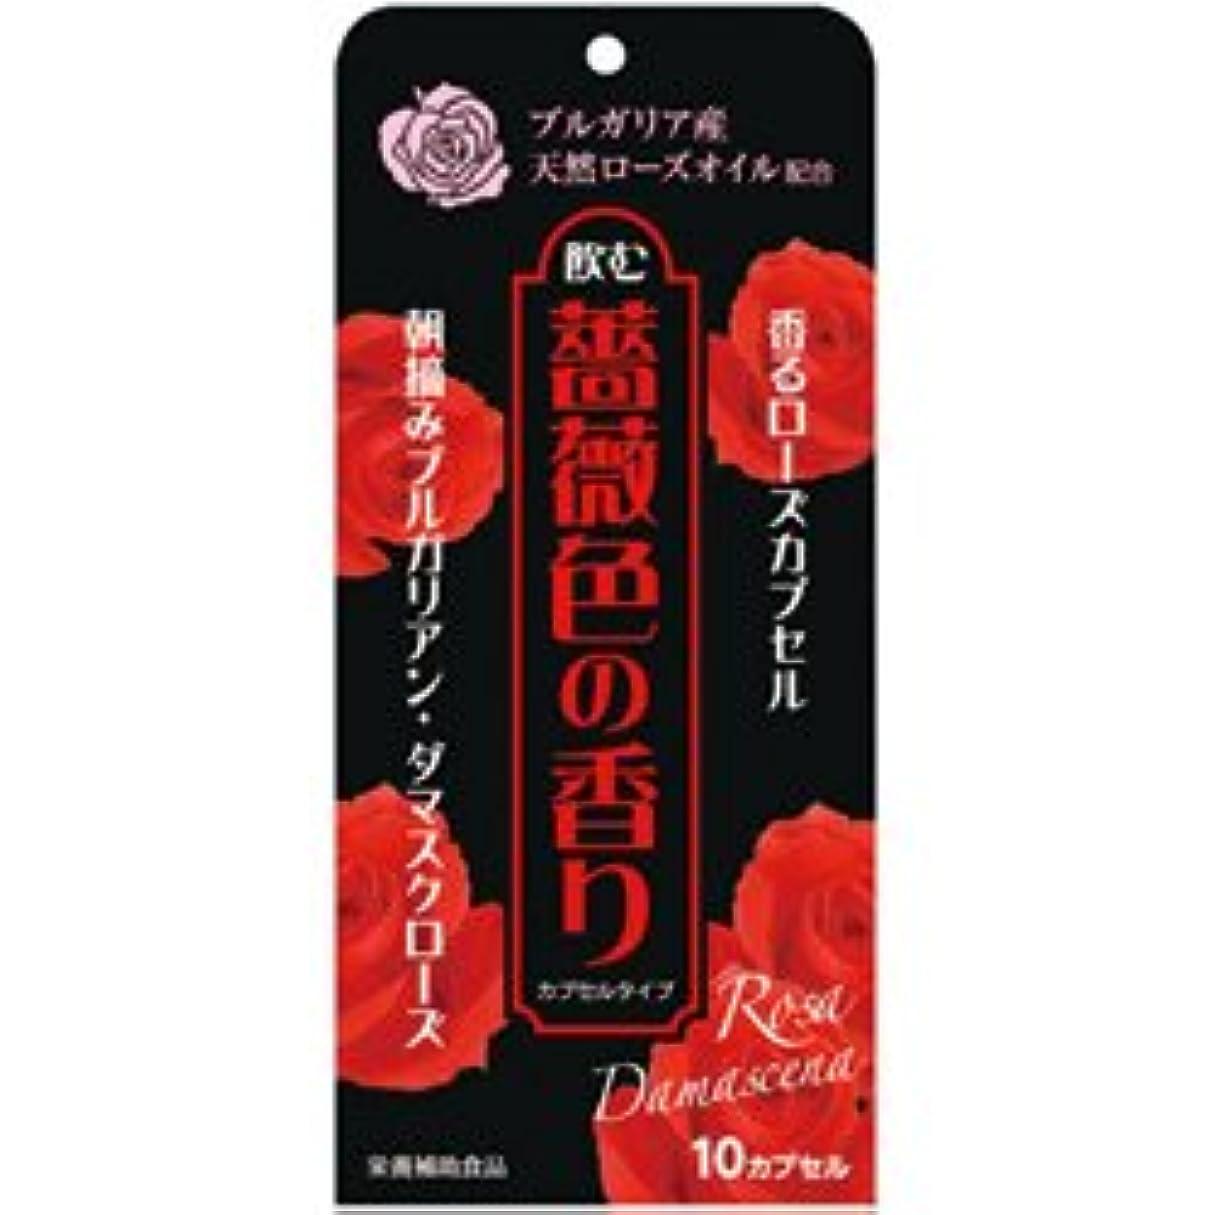 家畜ジャンクイデオロギー【ウェルネスジャパン】飲む薔薇色の香り 10カプセル ×5個セット